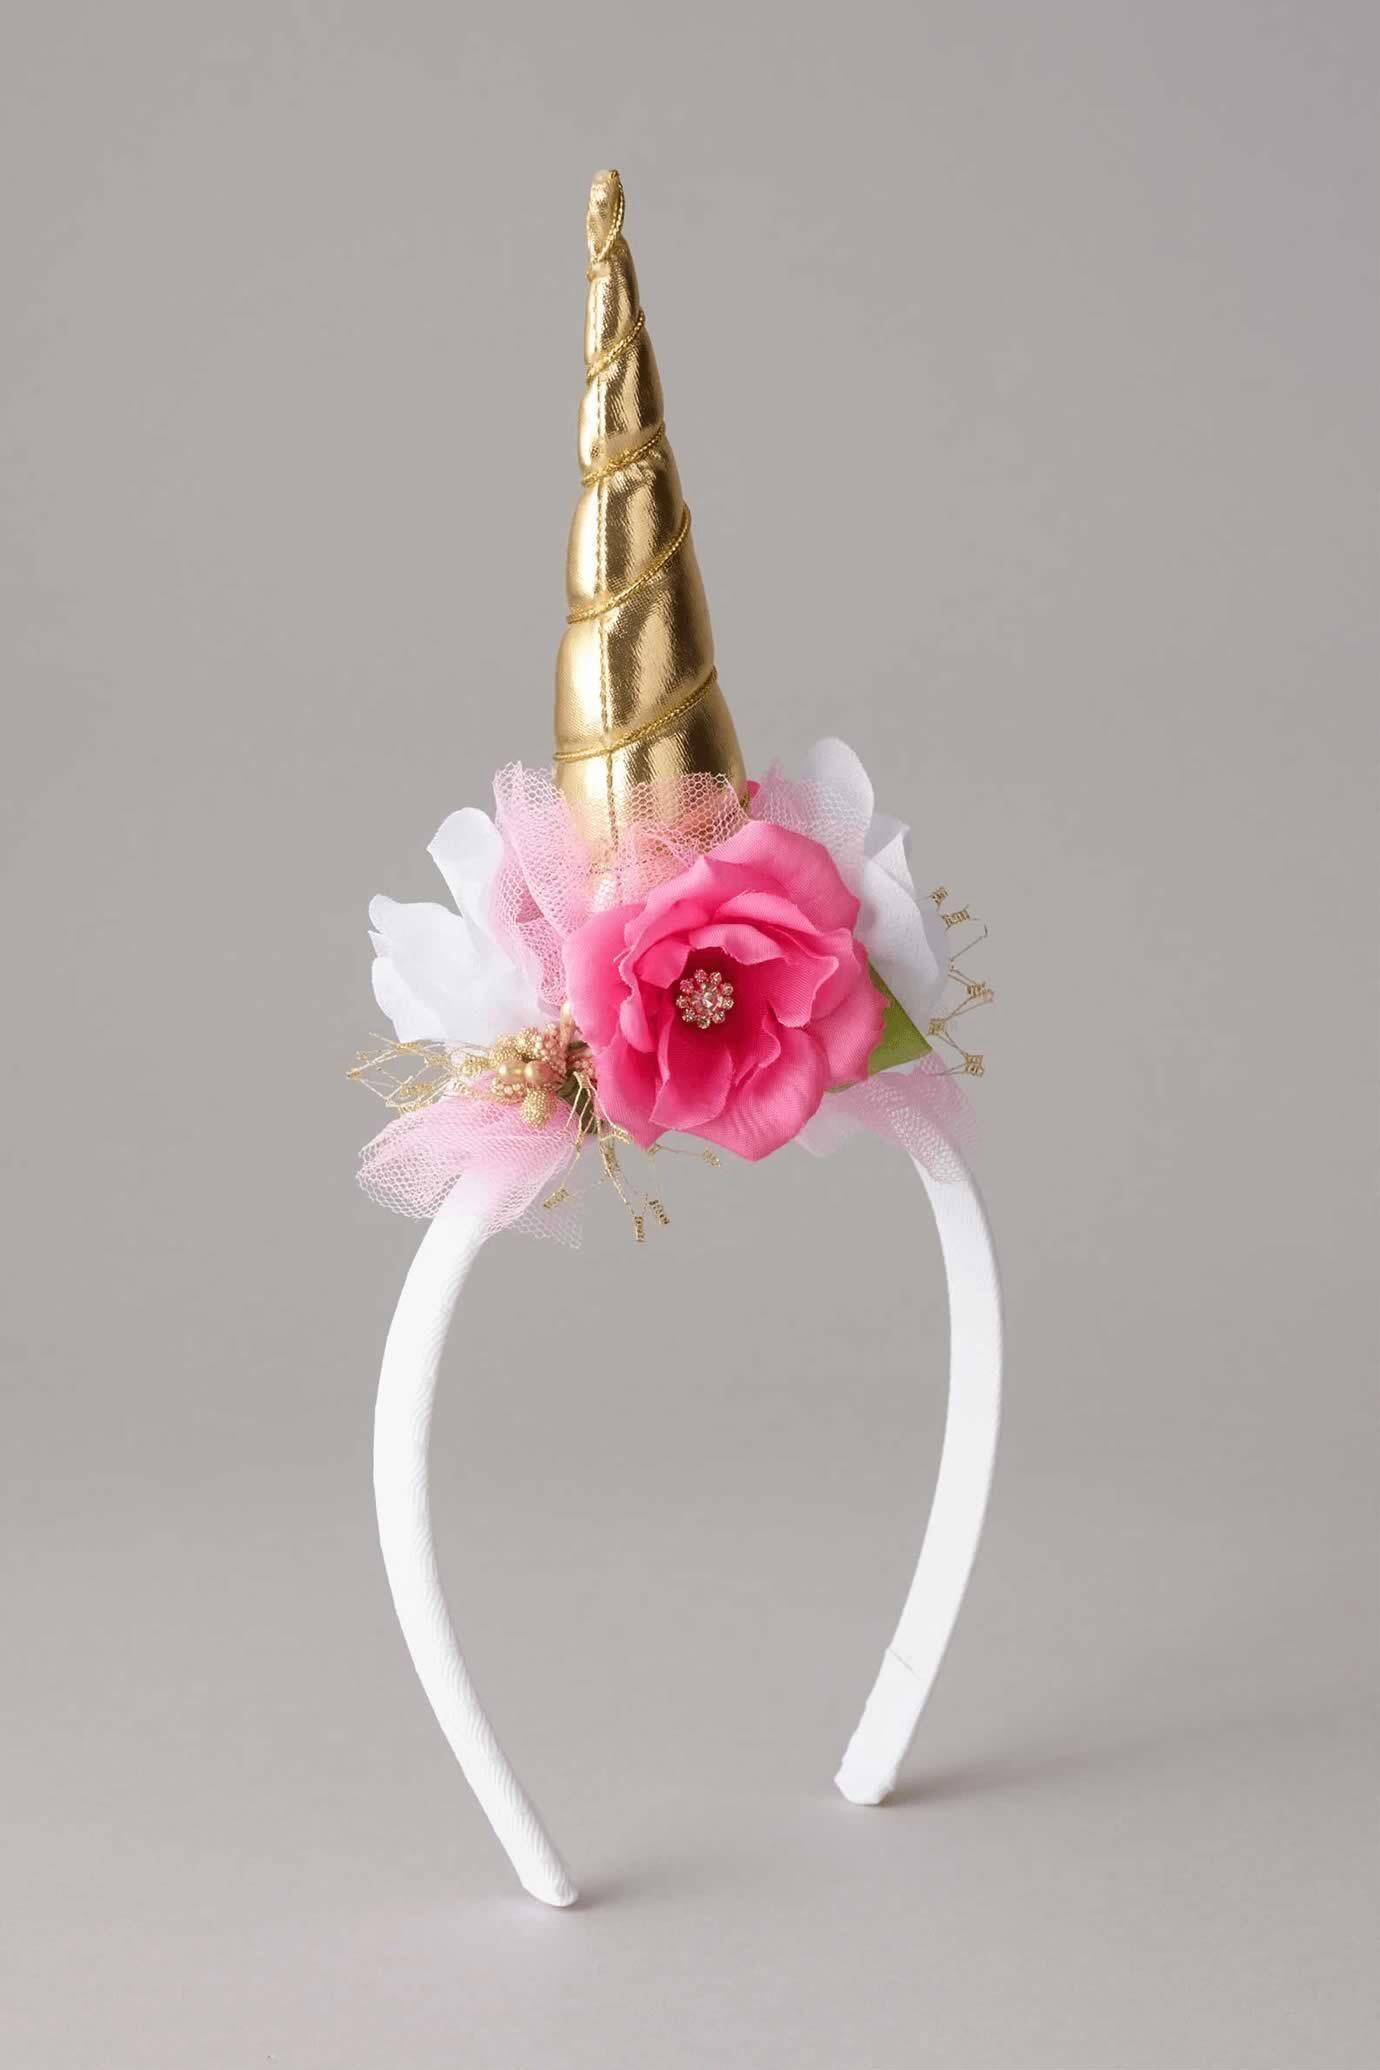 Girls Unicorn Flower Headband   Chasingfireflies  38.00  eee12c9138b2